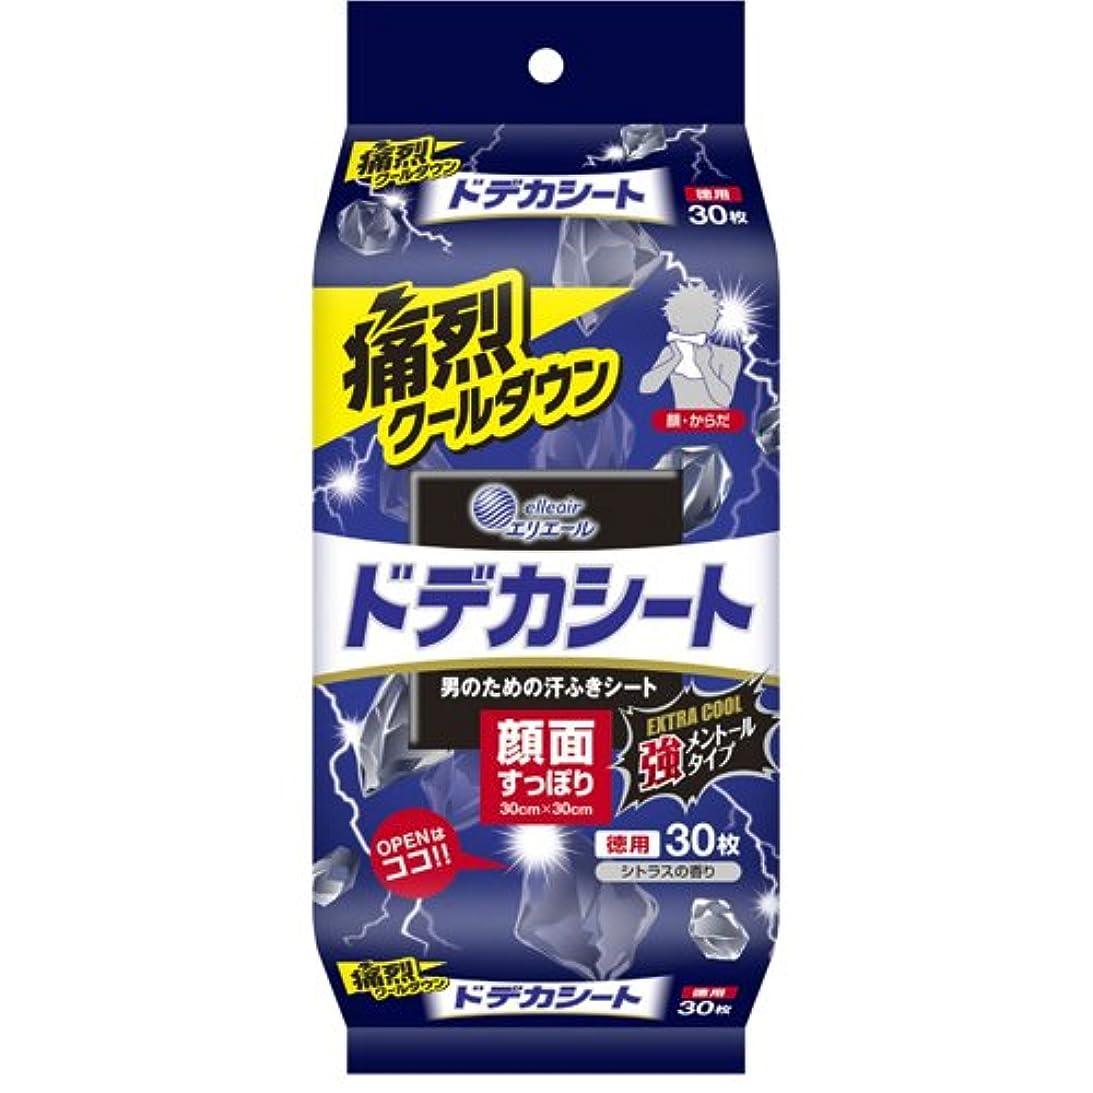 採用現象ショート大王製紙 ドデカシート 男のための汗ふきシート エクストラクール 強メントール シトラスの香り 徳用 30枚 E505716H